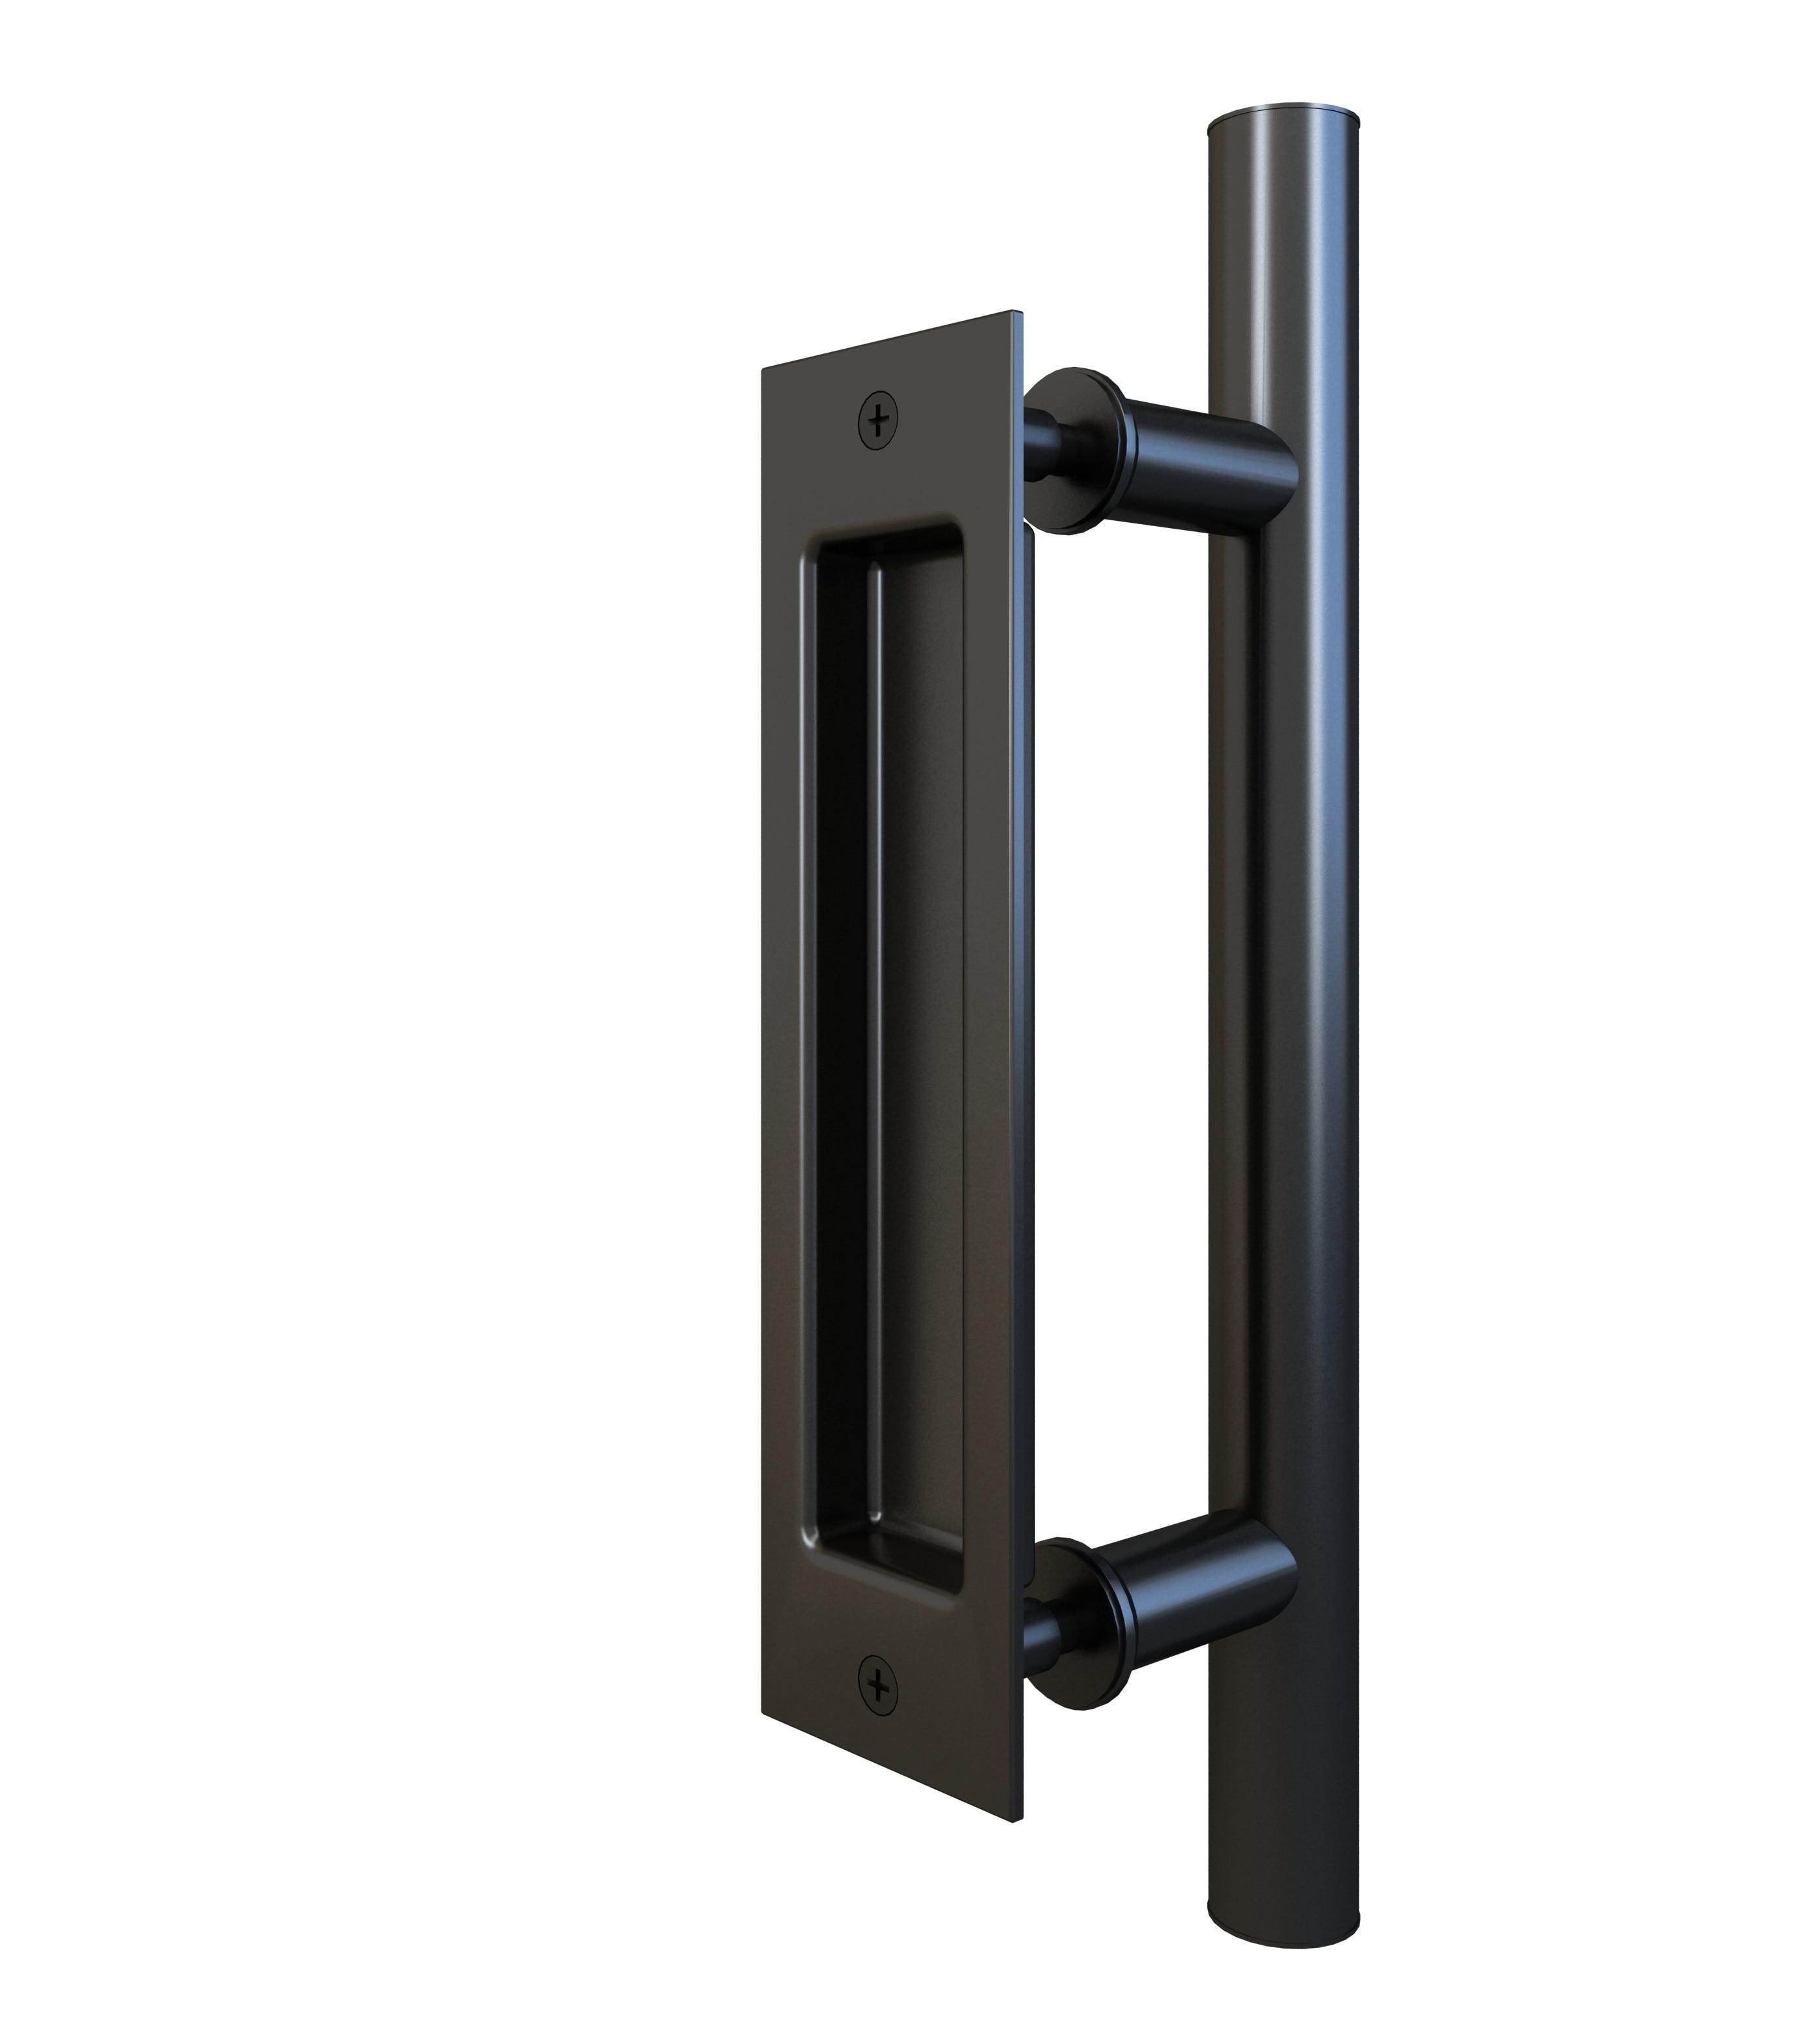 DIYHD 12 дюймовая гладкая дверь для амбара, двухсторонняя черная ручка, вытяжка Ручка для двери      АлиЭкспресс